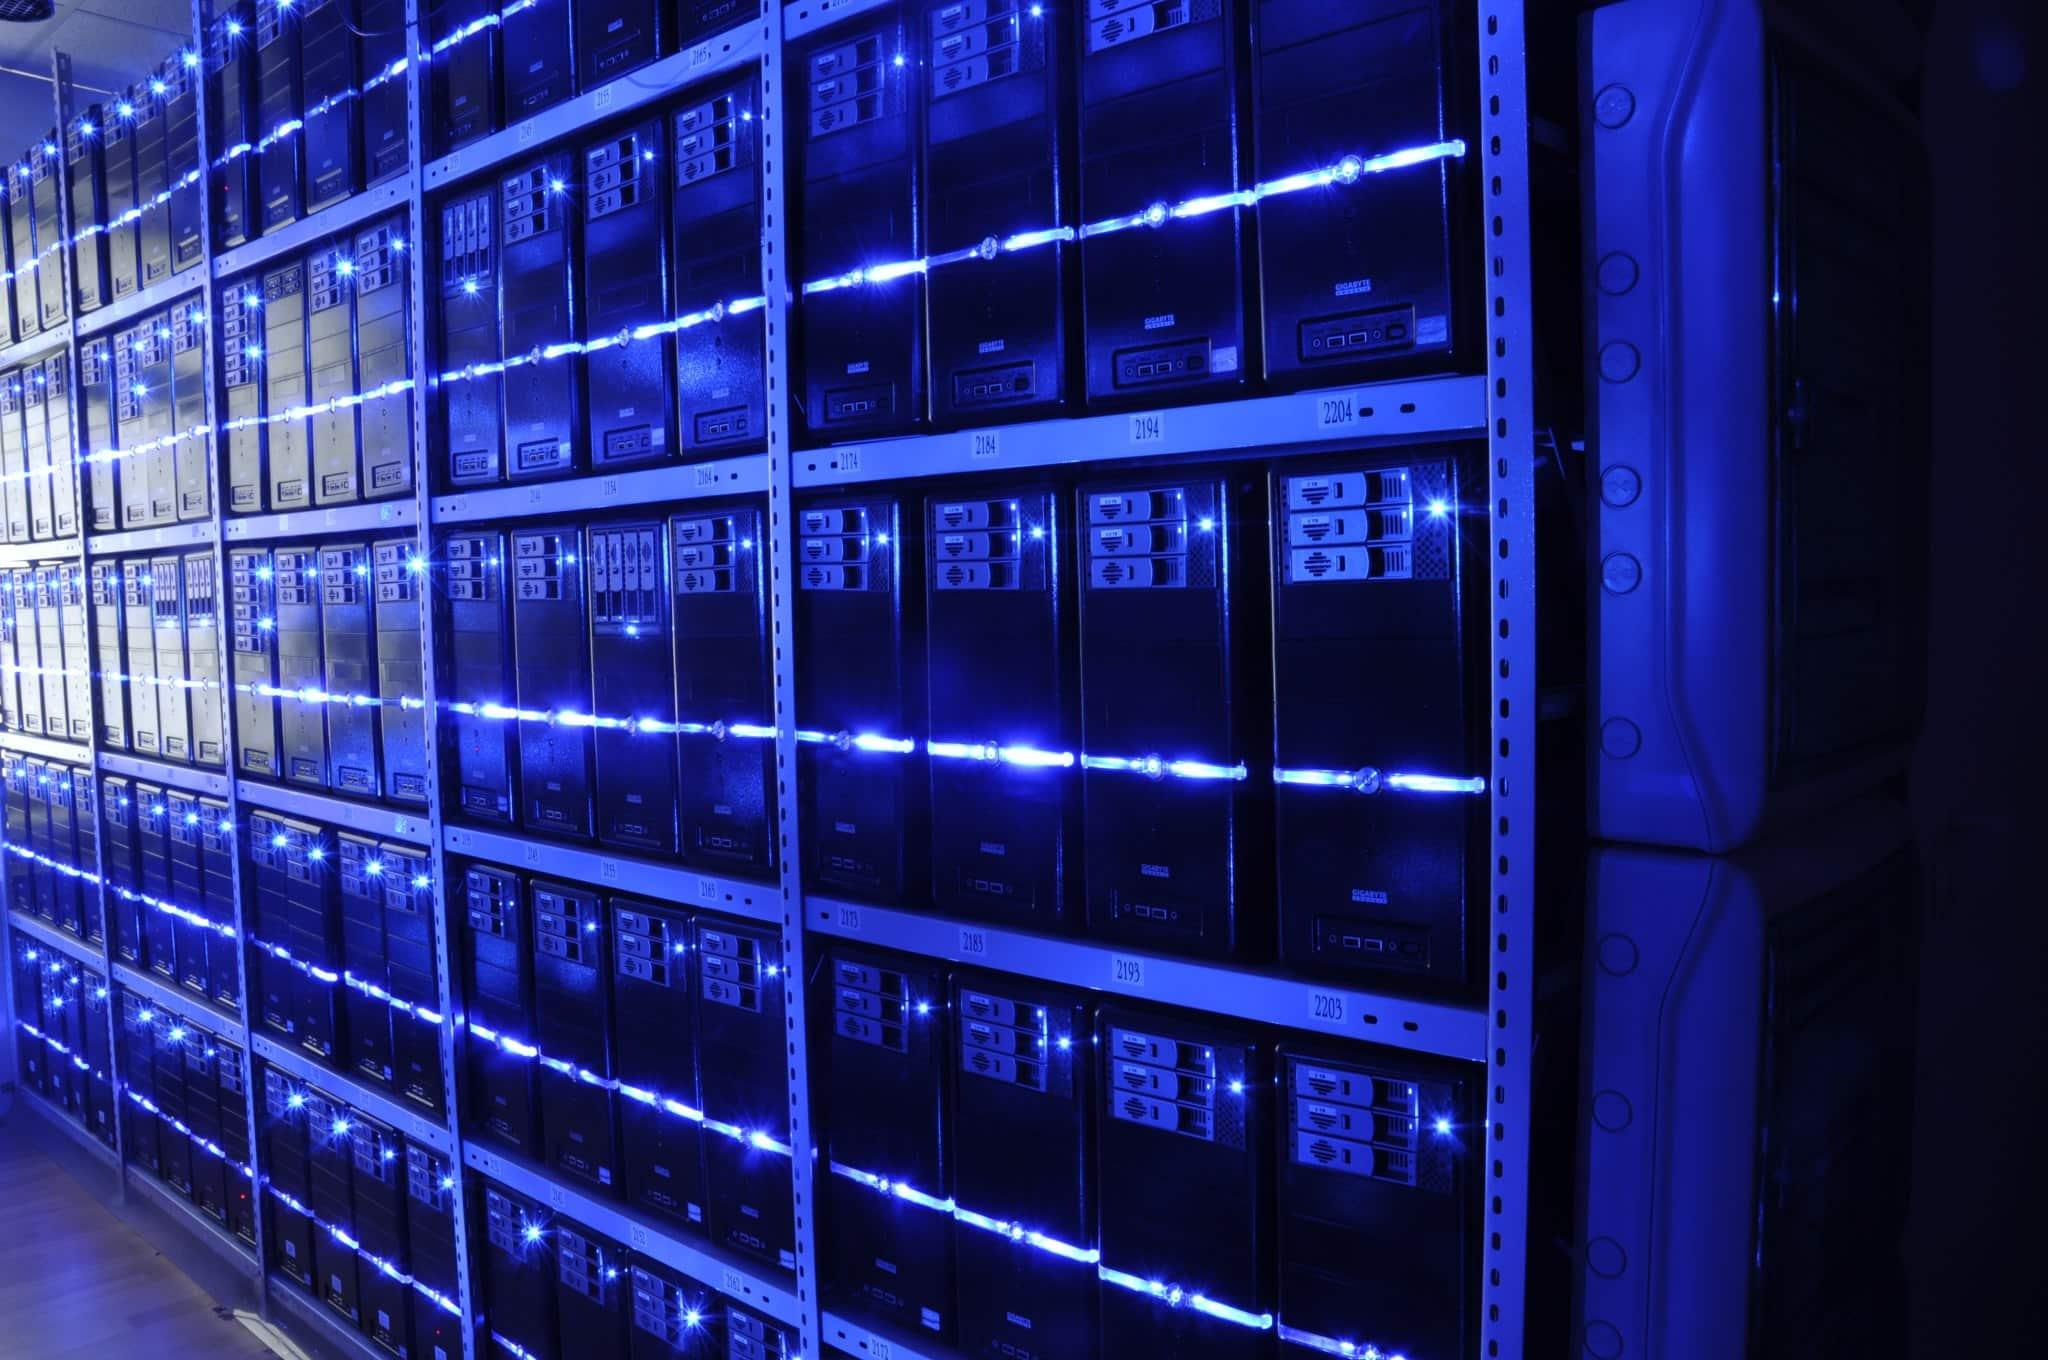 Qui domine le marché des Datacenters ?